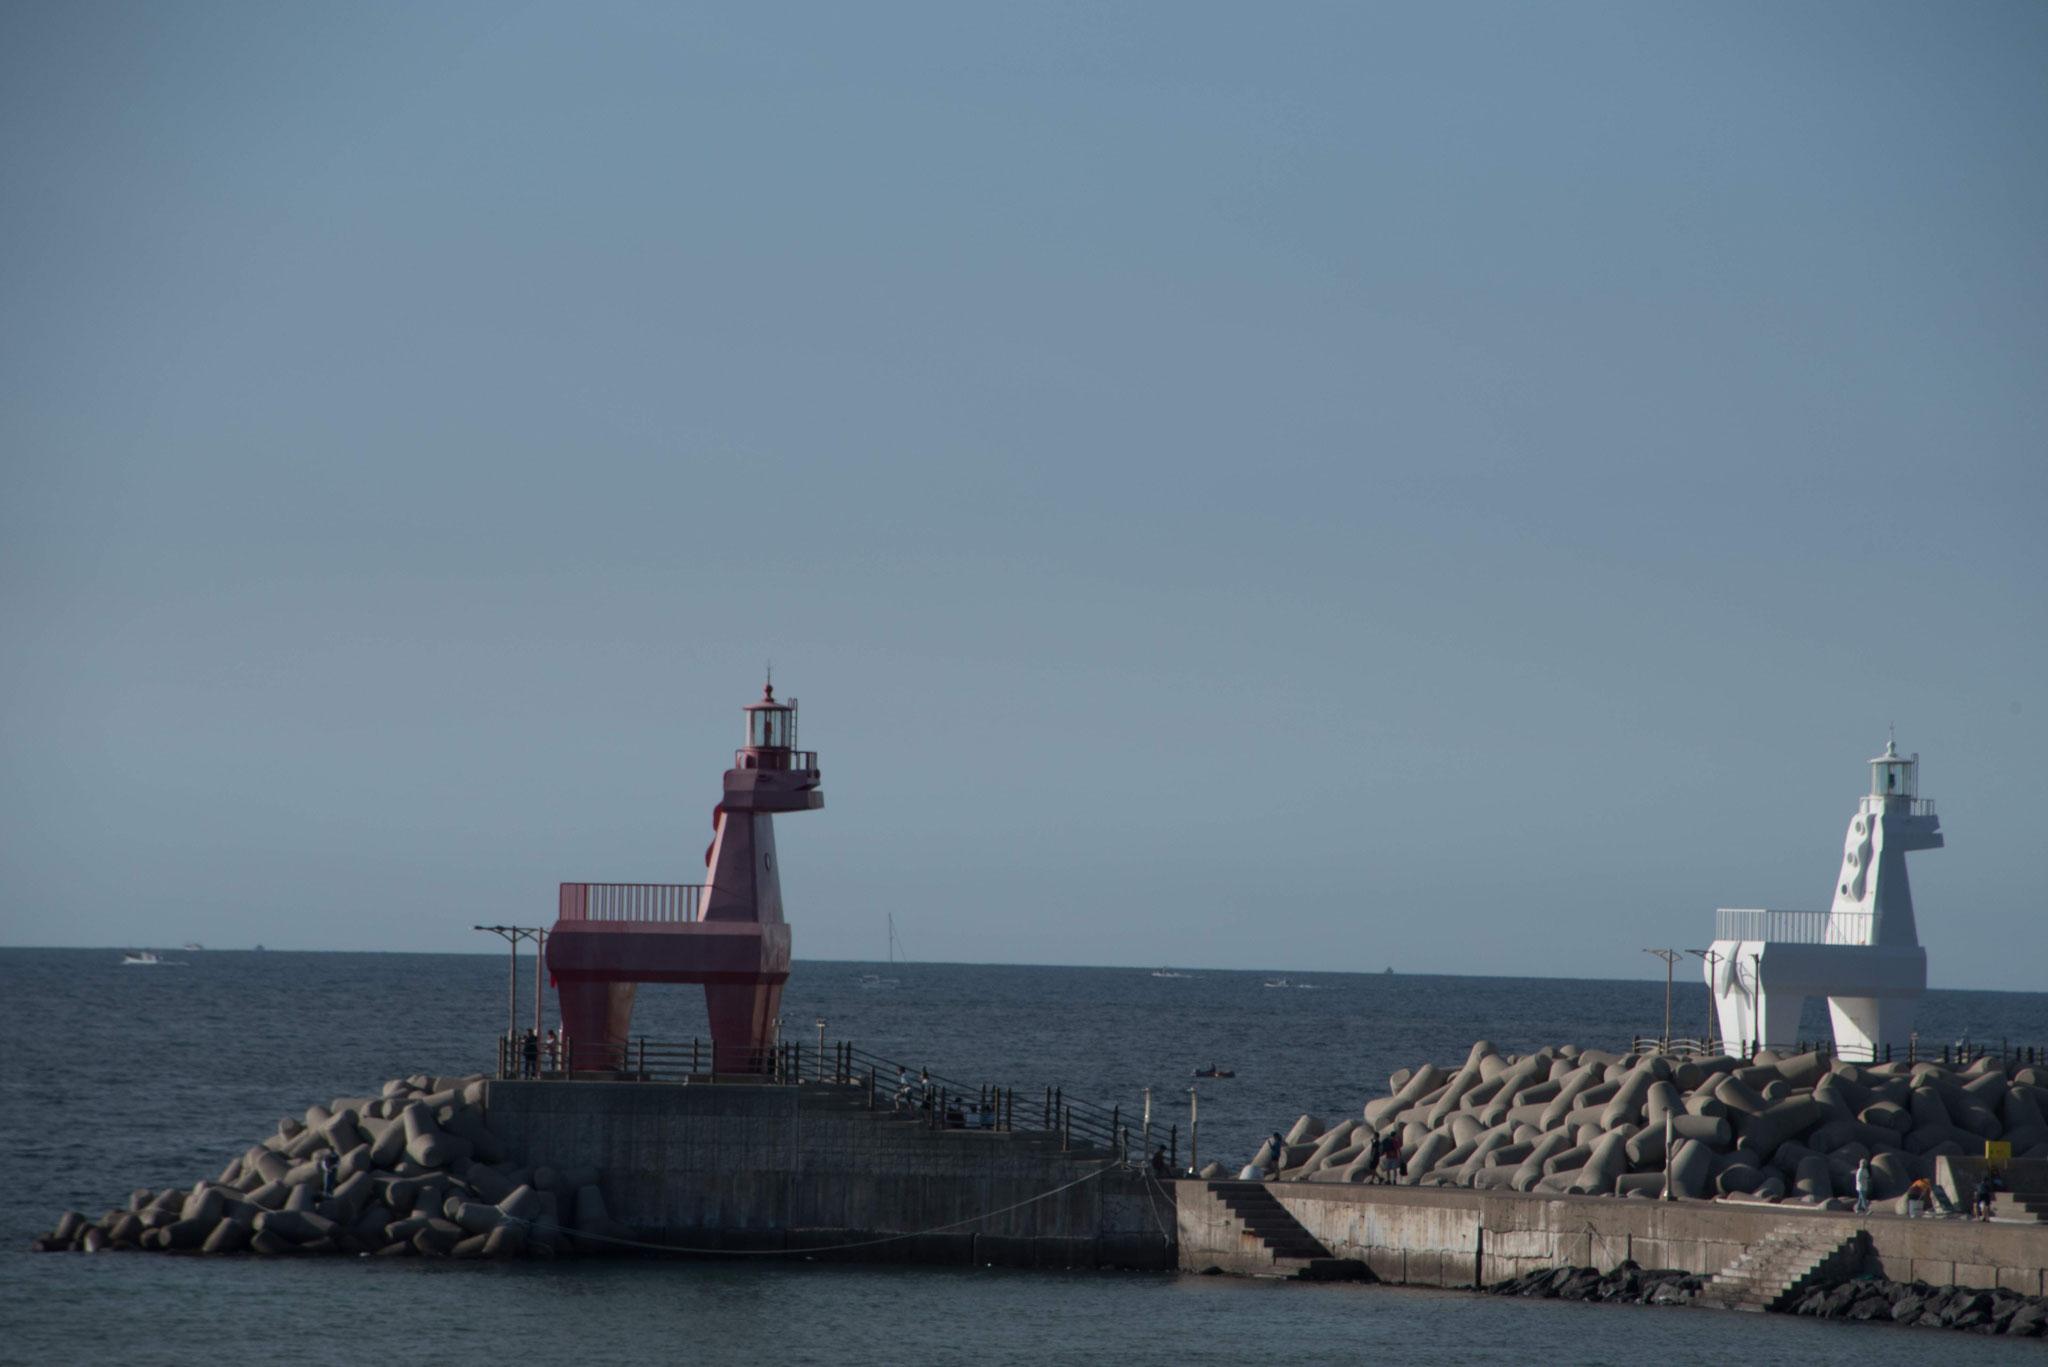 Rotes Pferd für die andere Seite der Hafeneinfahrt